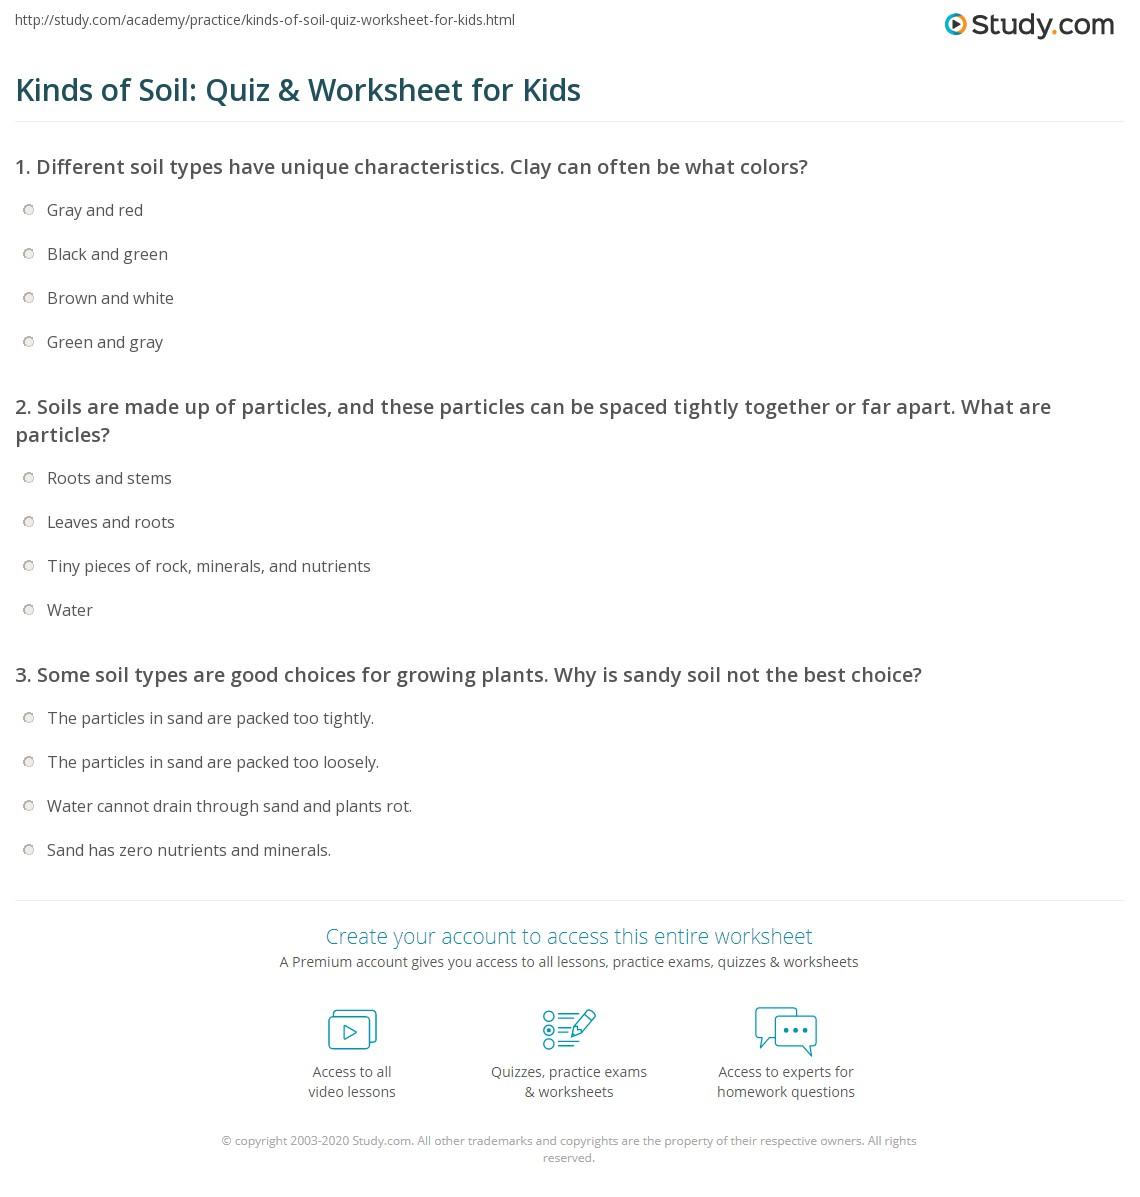 hight resolution of Kinds of Soil: Quiz \u0026 Worksheet for Kids   Study.com